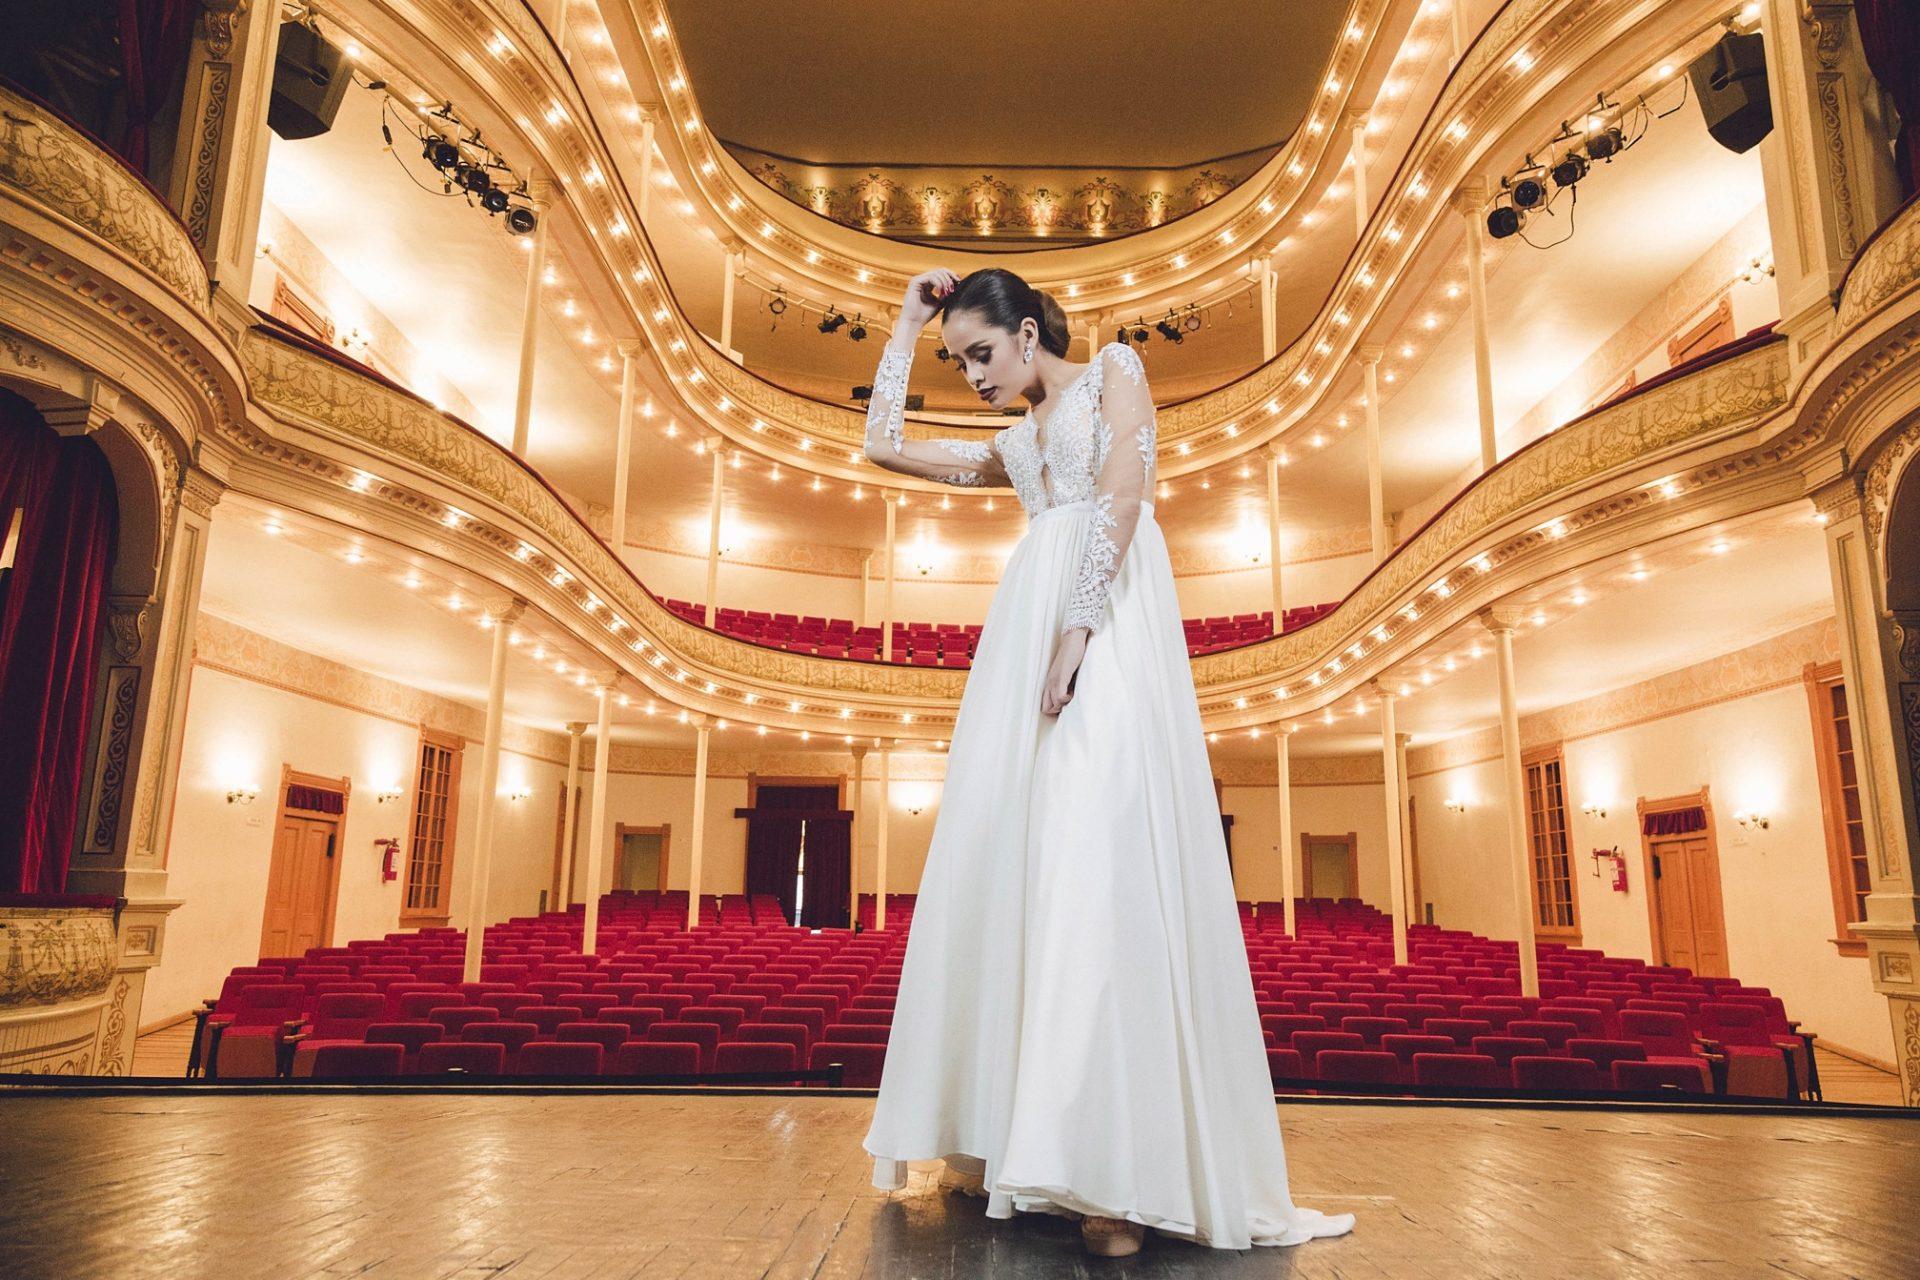 fotografo_profesional_bodas_zacatecas_casual_teatro_calderon_fashion-23